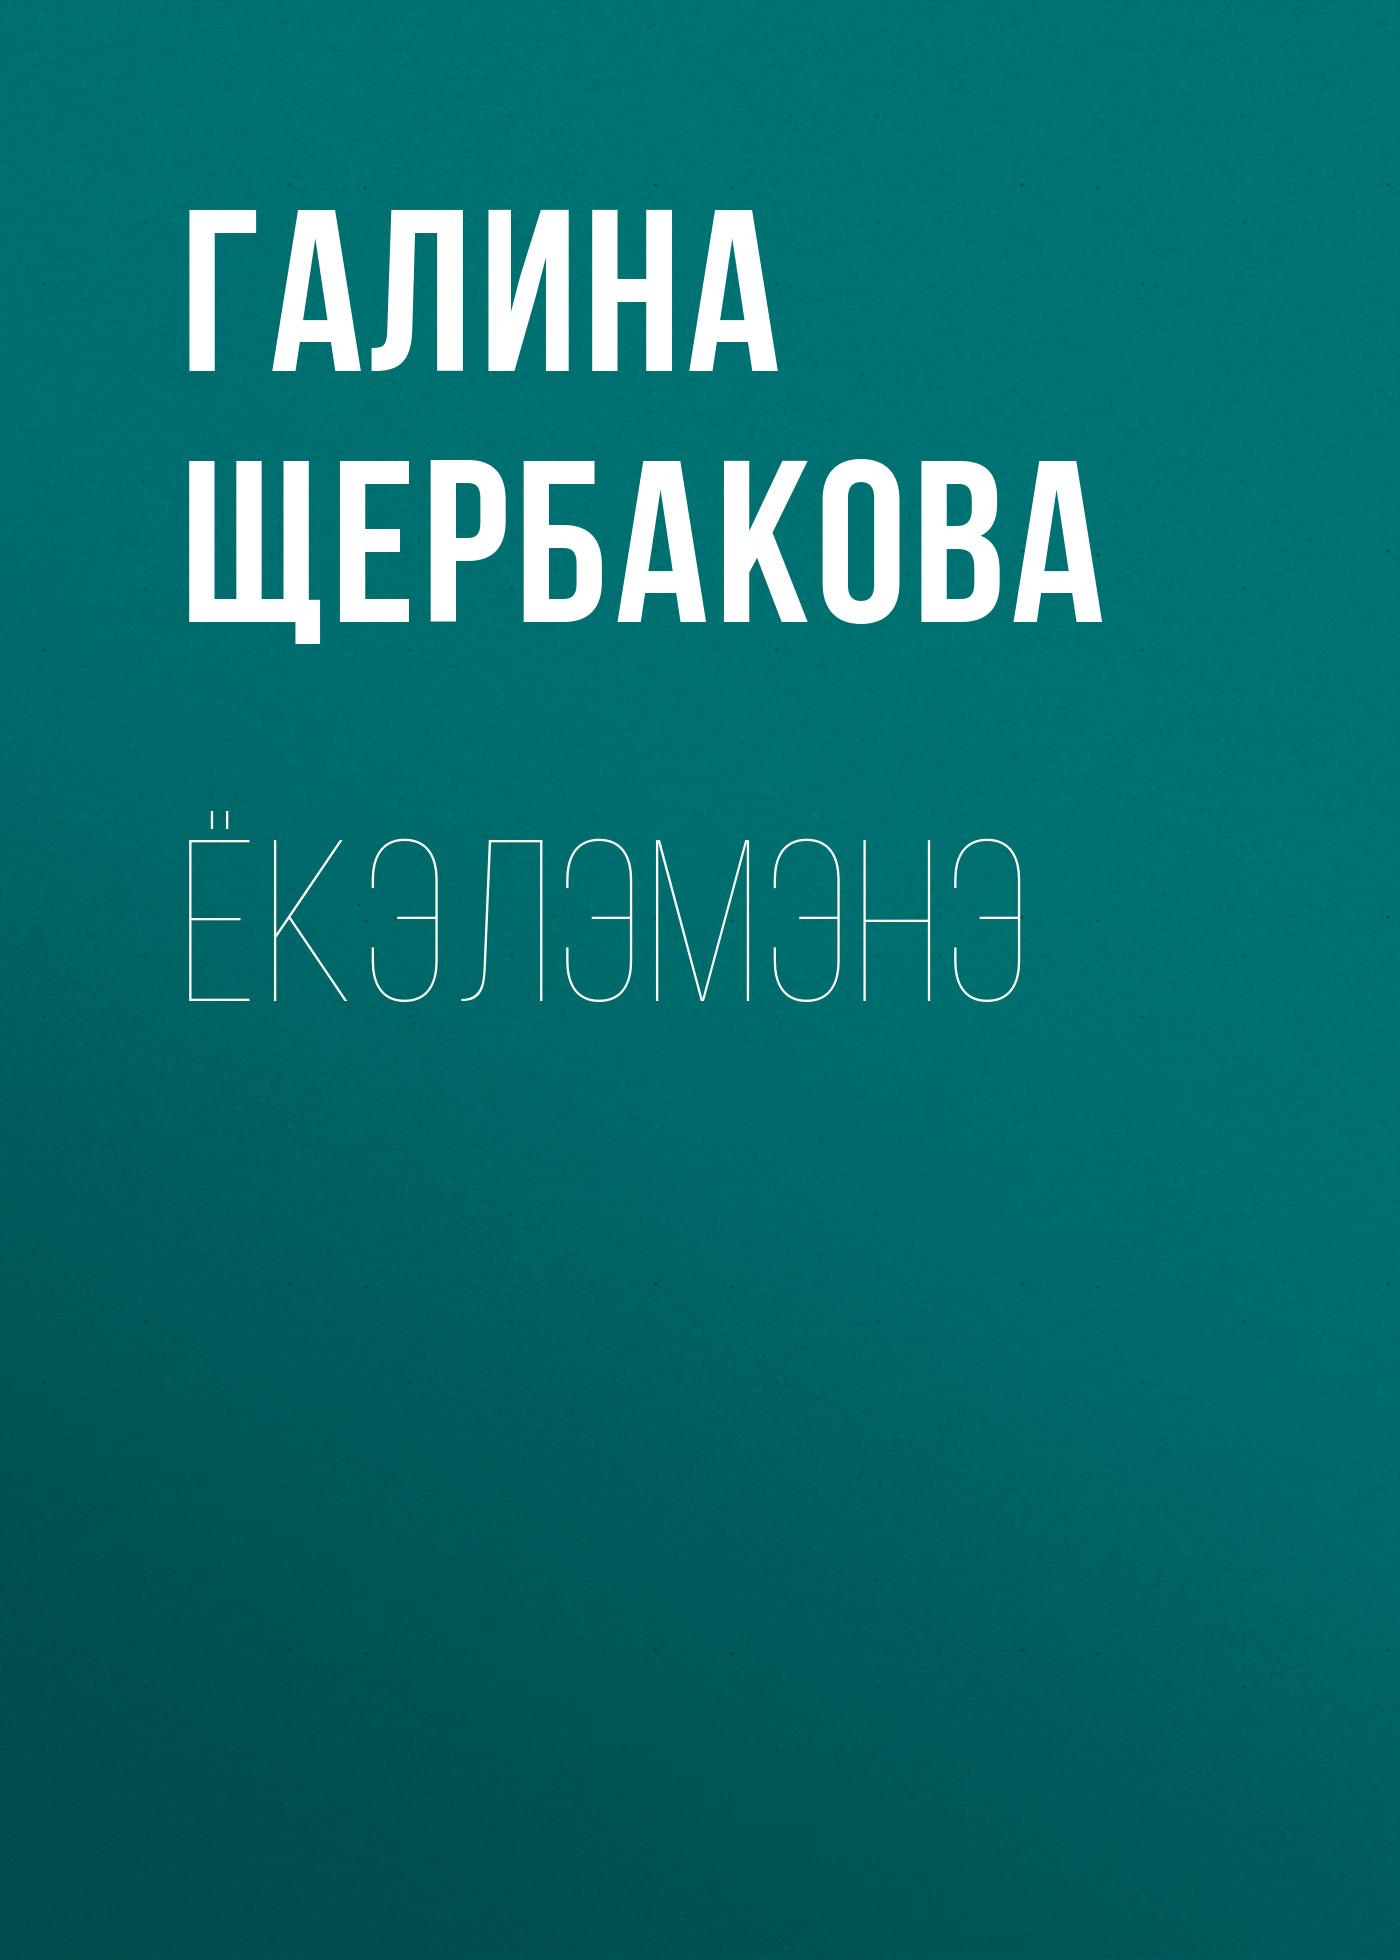 Галина Щербакова Ёкэлэмэнэ щербакова галина николаевна будут неприятности